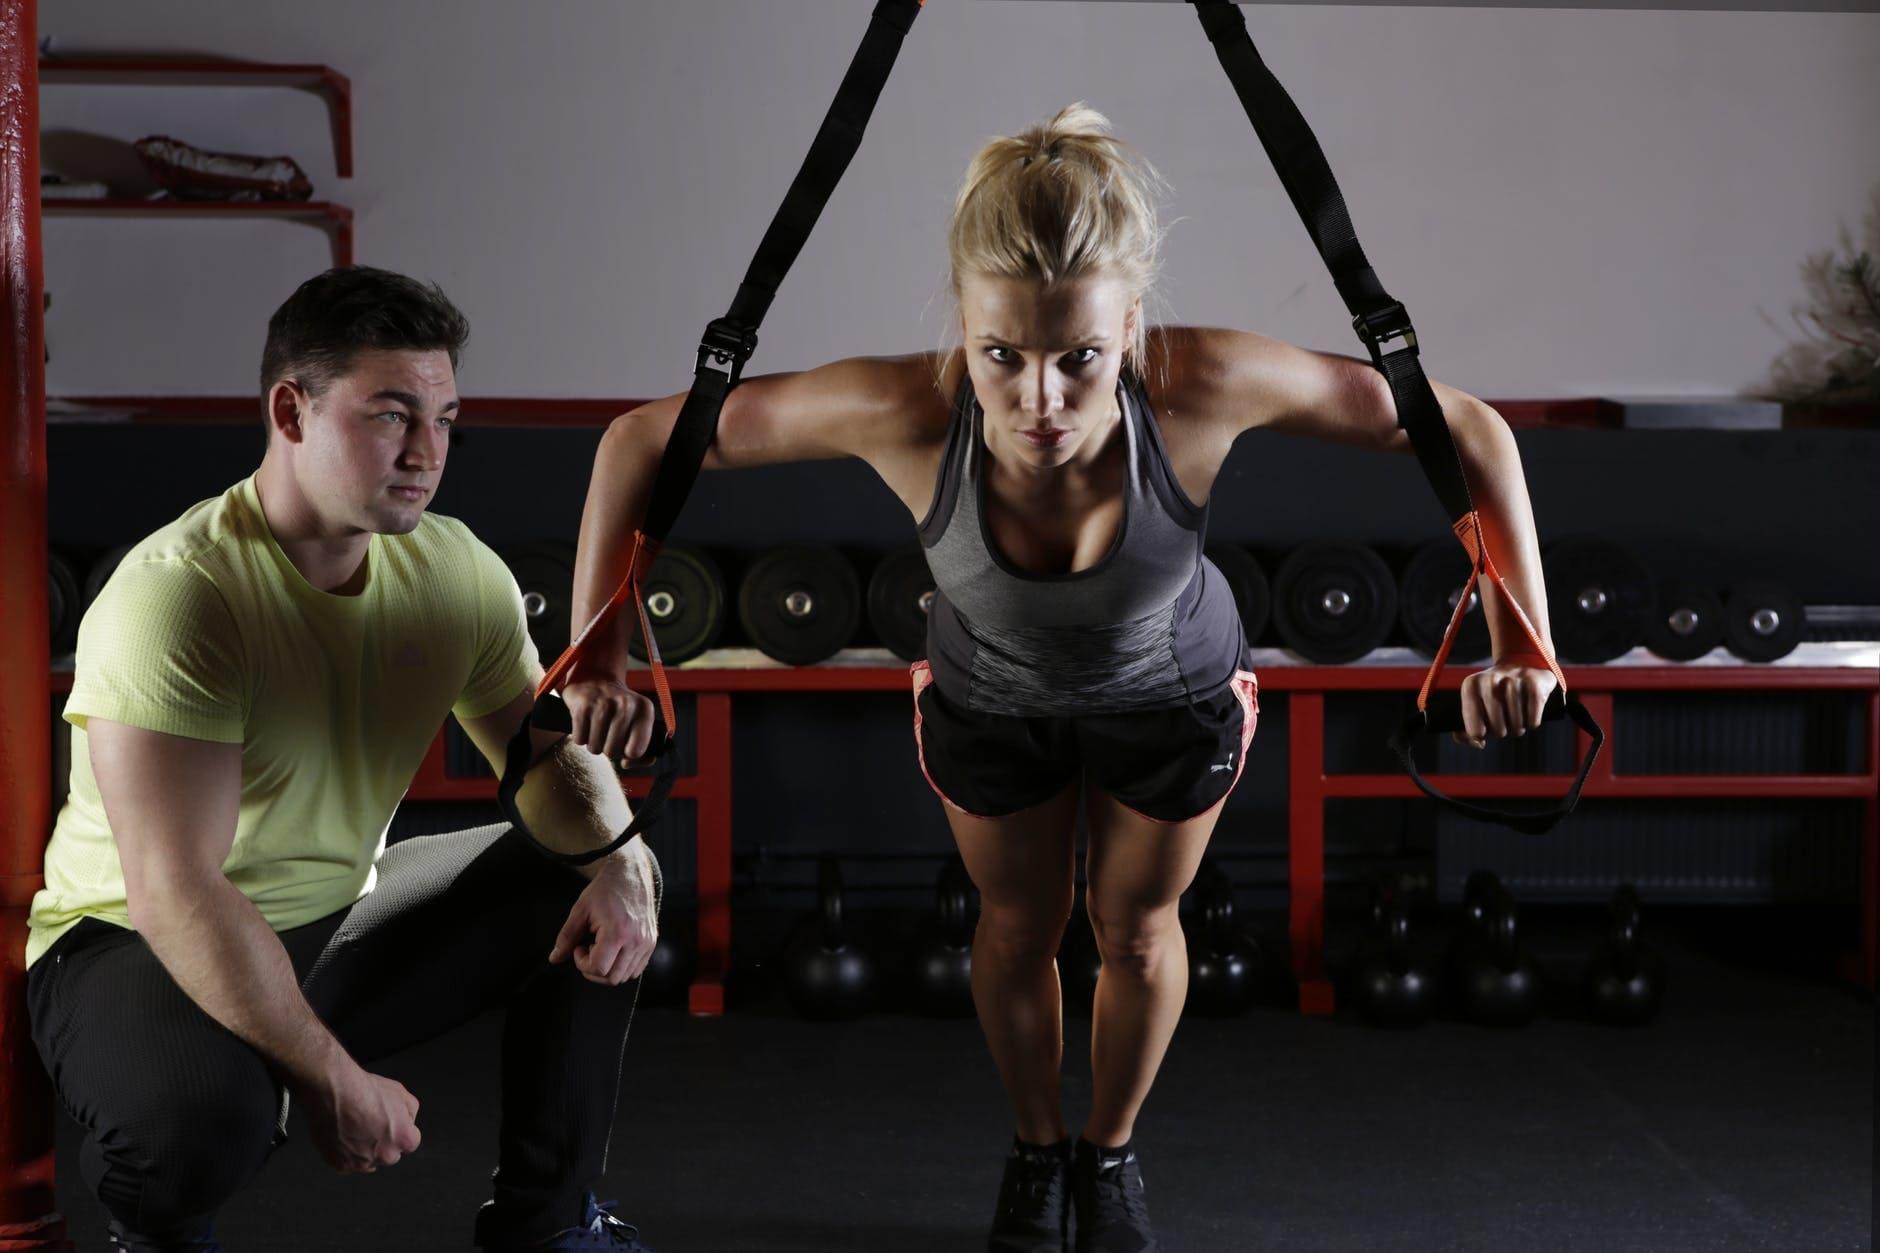 كيفية خسارة الوزن من دون خسارة العضلات